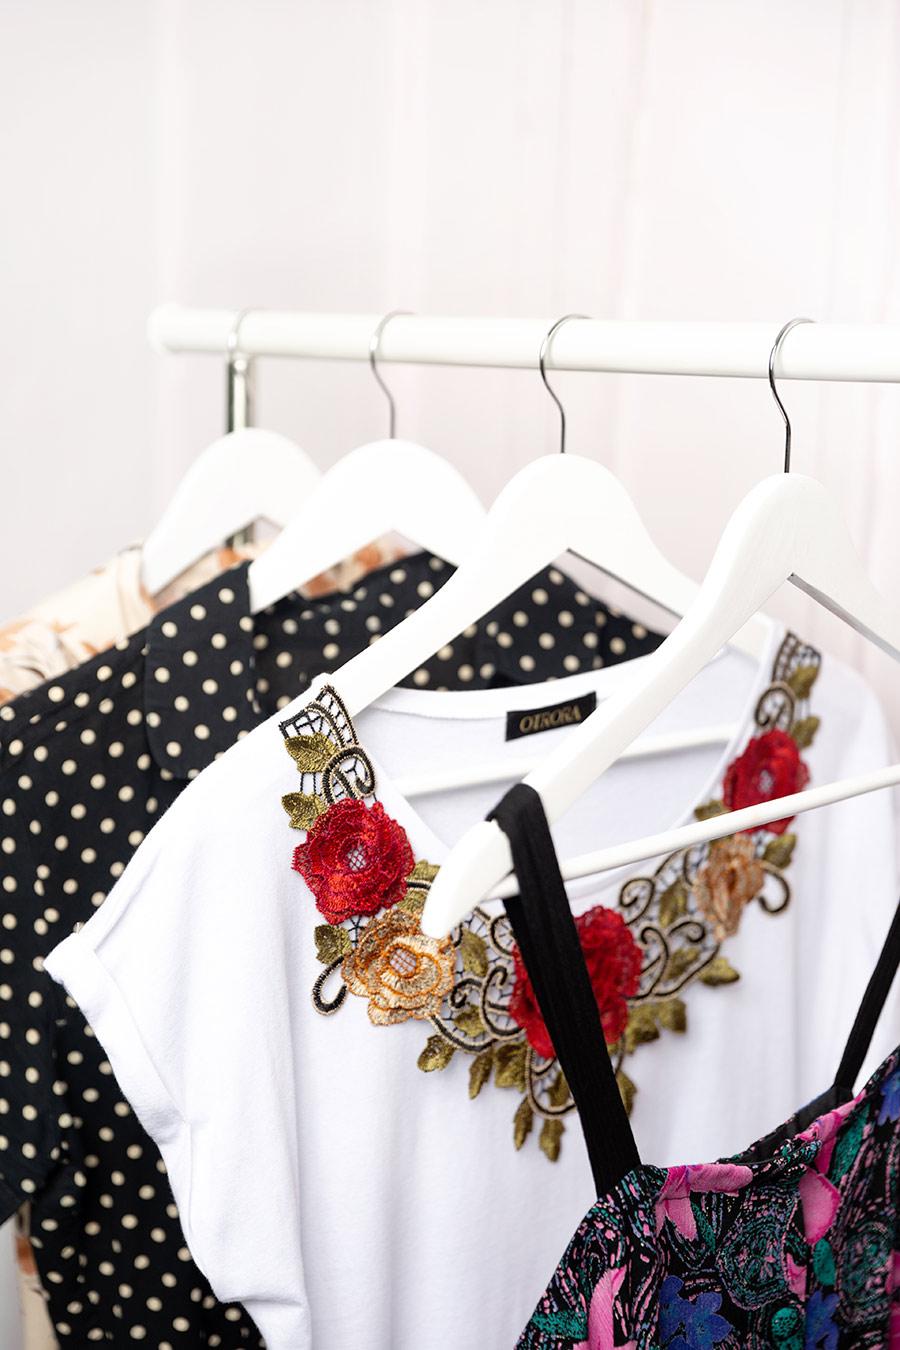 OTRORA_Camiseta con bordado flores con vestidos vintage